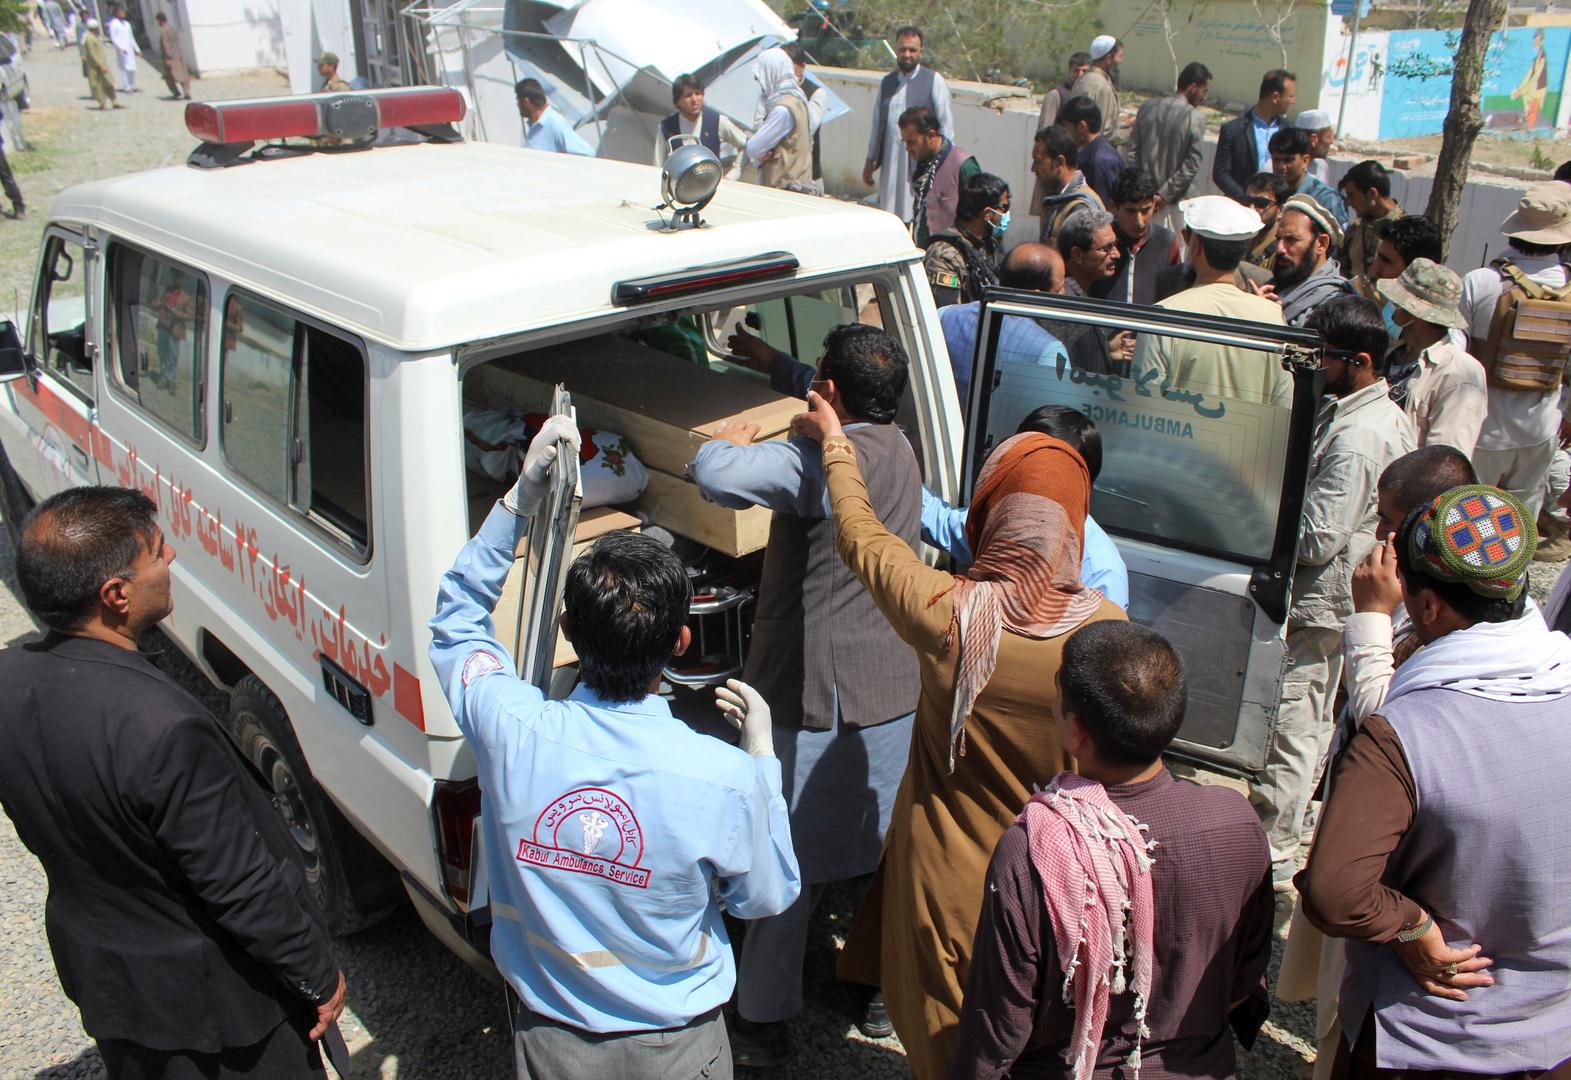 اغتيال مذيع في قناة تلفزيونية أفغانية